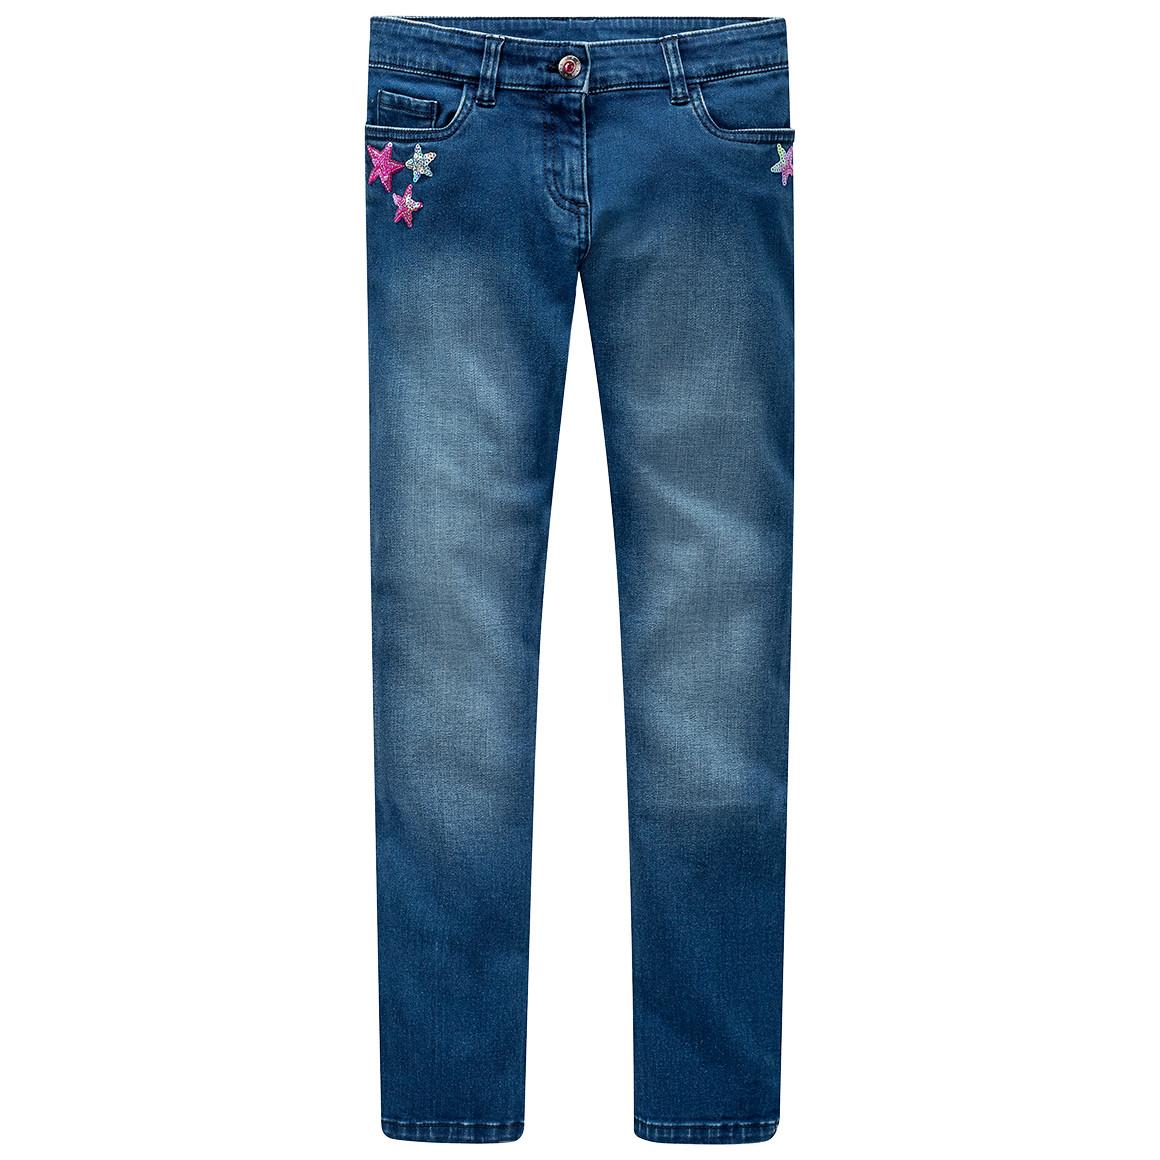 Mädchen Skinny Jeans mit Stern Pailletten